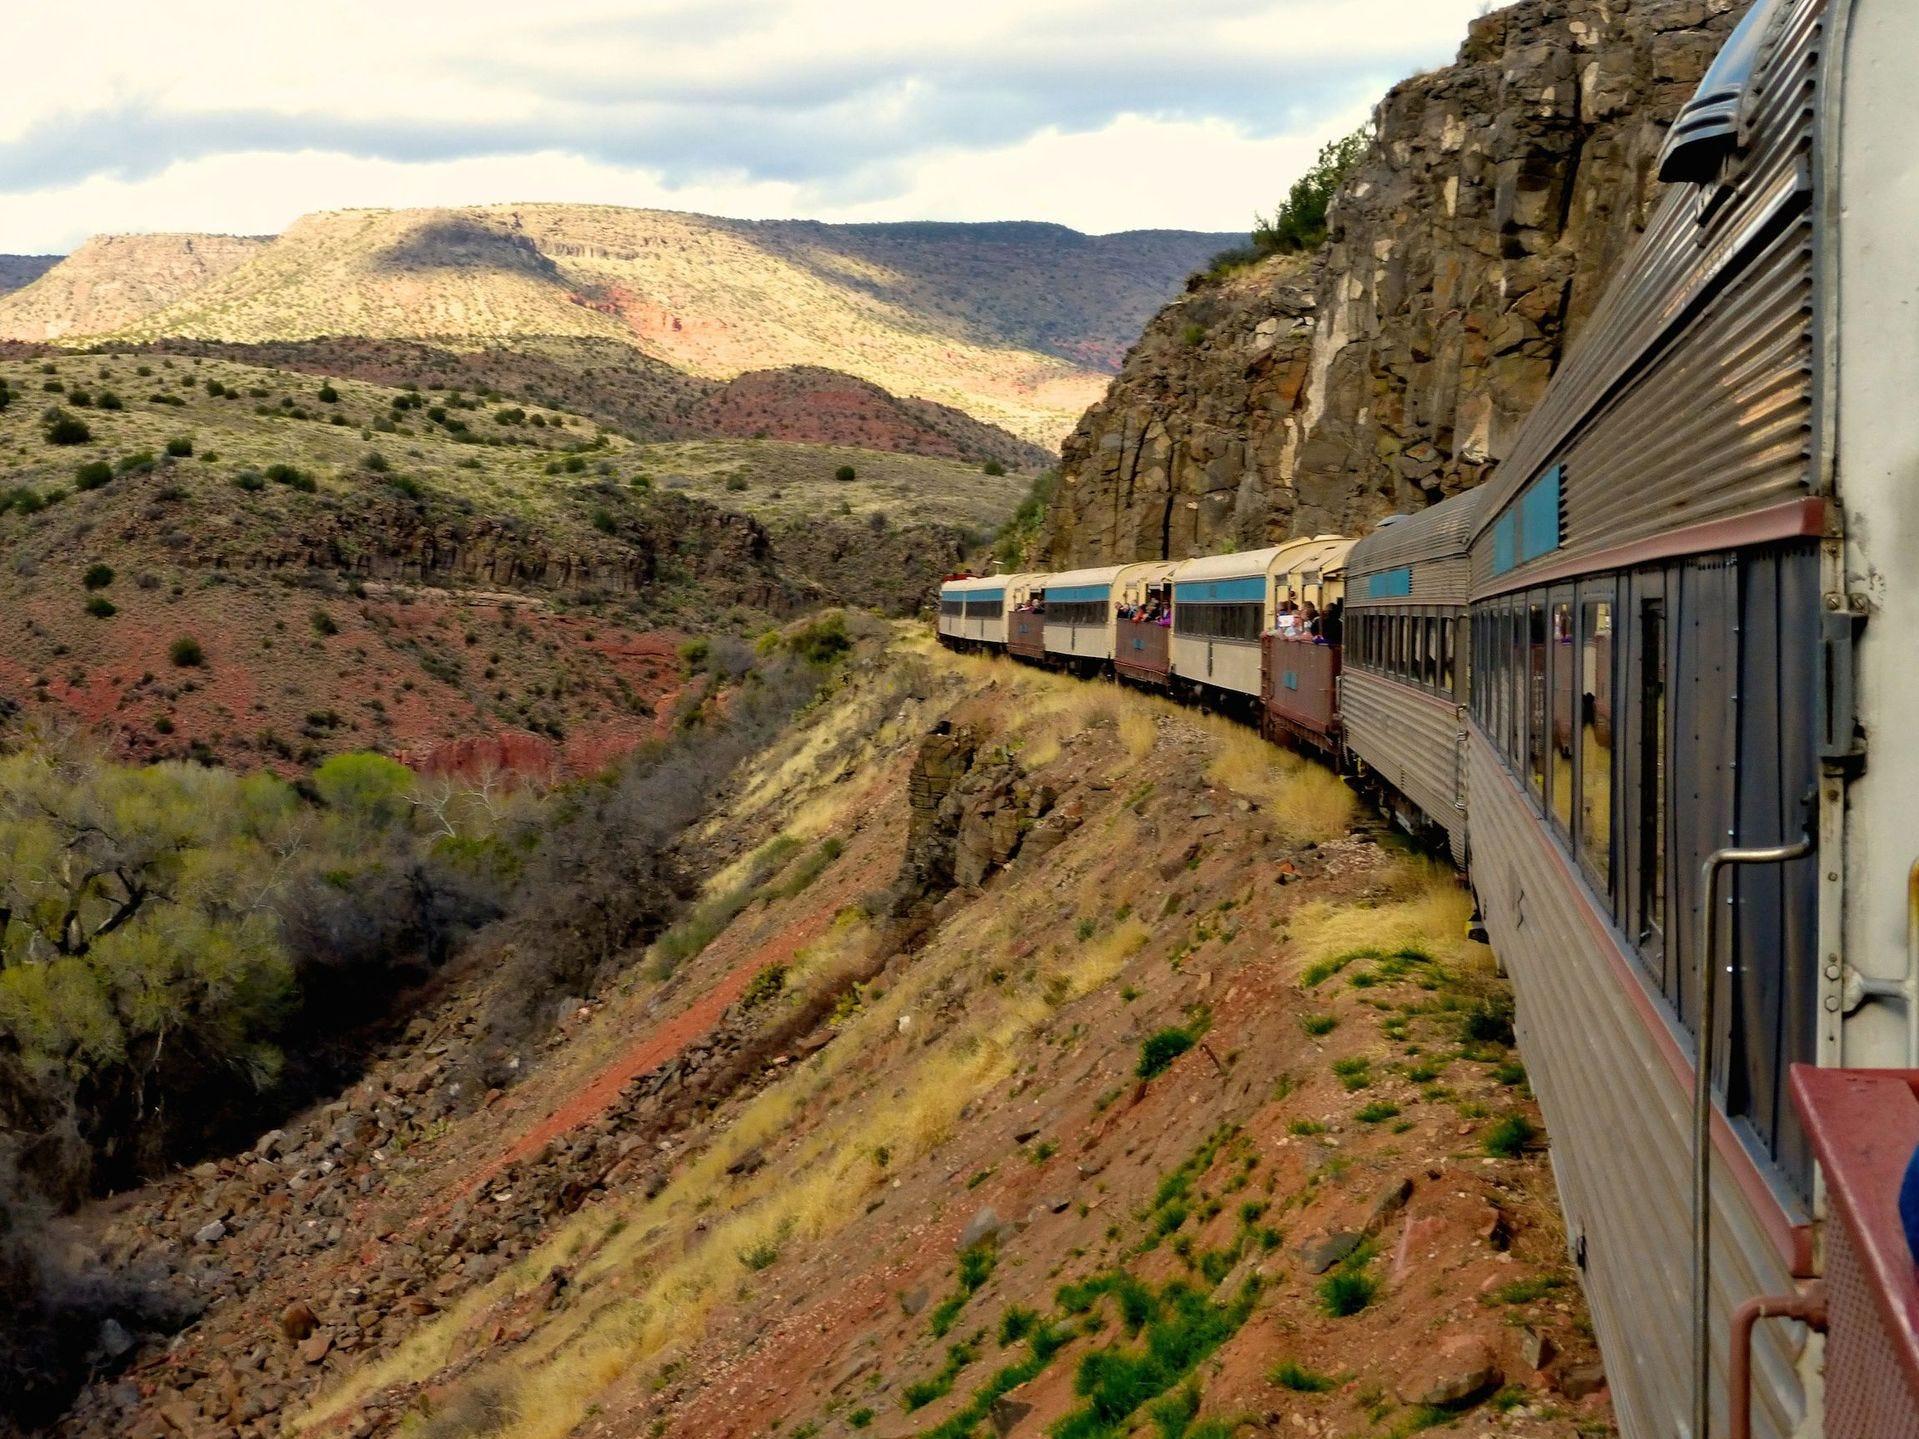 Verde Canyon Railroad atraviesa un exuberante corredor fluvial en un desfiladero de paredes altas en su viaje de cuatro horas.